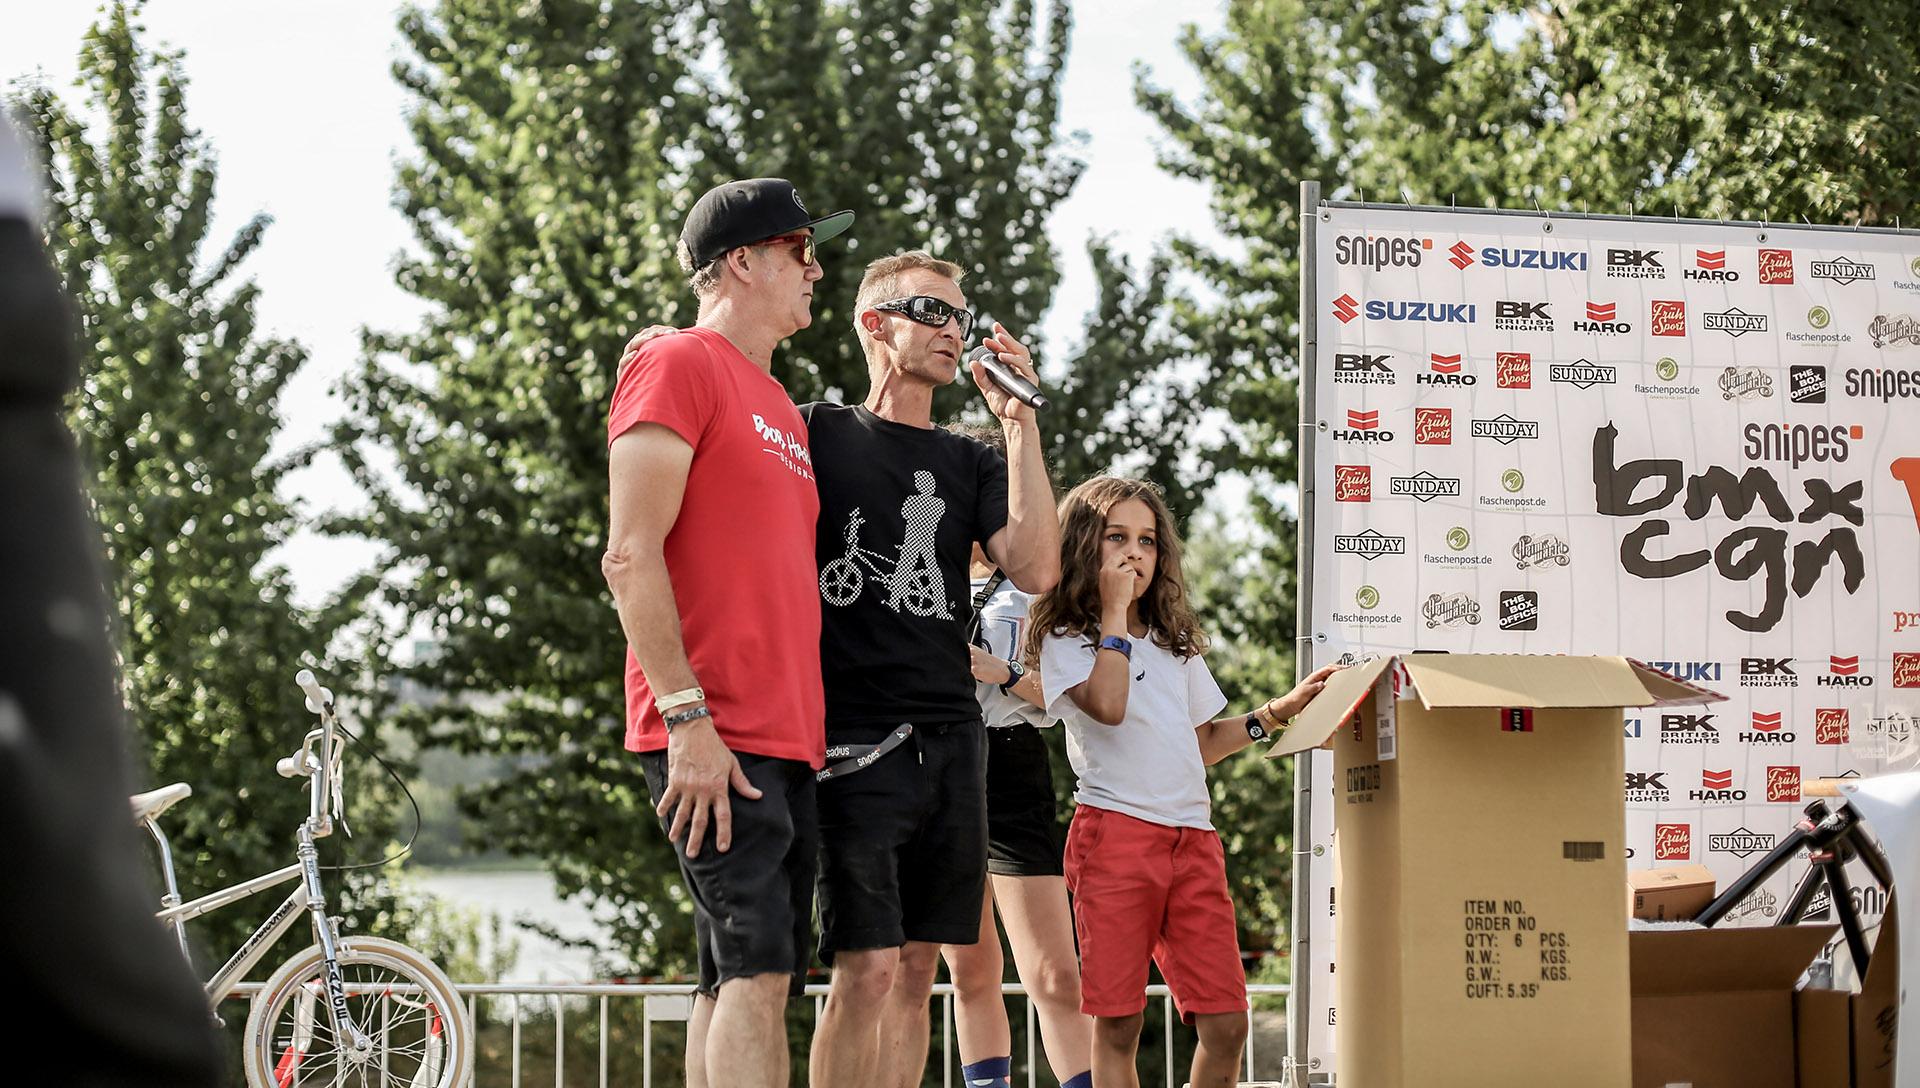 Zwei Menschen, denen BMX extrem viel zu verdanken hat: Links haben wir Bob Haro, seines Zeichens einer der Erfinder von BMX-Freestyle und gleich daneben steht Stephan Prantl, der seit mehr als 30 Jahren maßgeblich an der Organisation und Durchführung von BMX-Contests im Kölner Jugendpark beteiligt ist. Vielen herzlichen Dank!